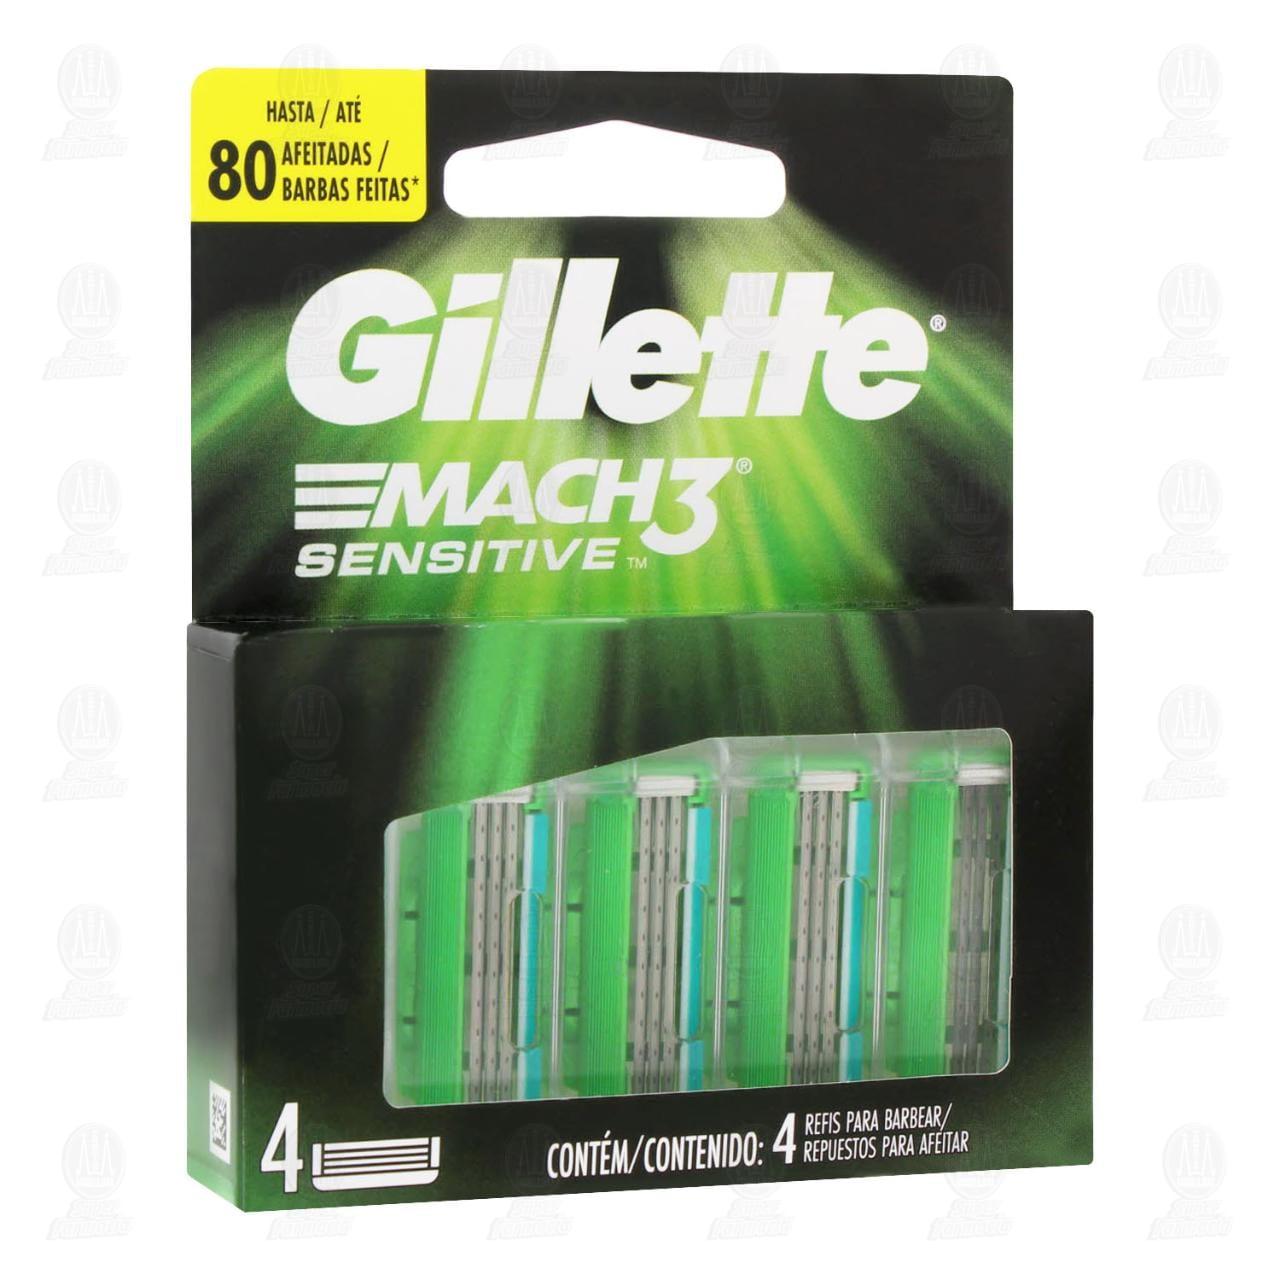 Comprar Cartuchos para Afeitar Gillette Mach3 Sensitive, 4 pzas. en Farmacias Guadalajara